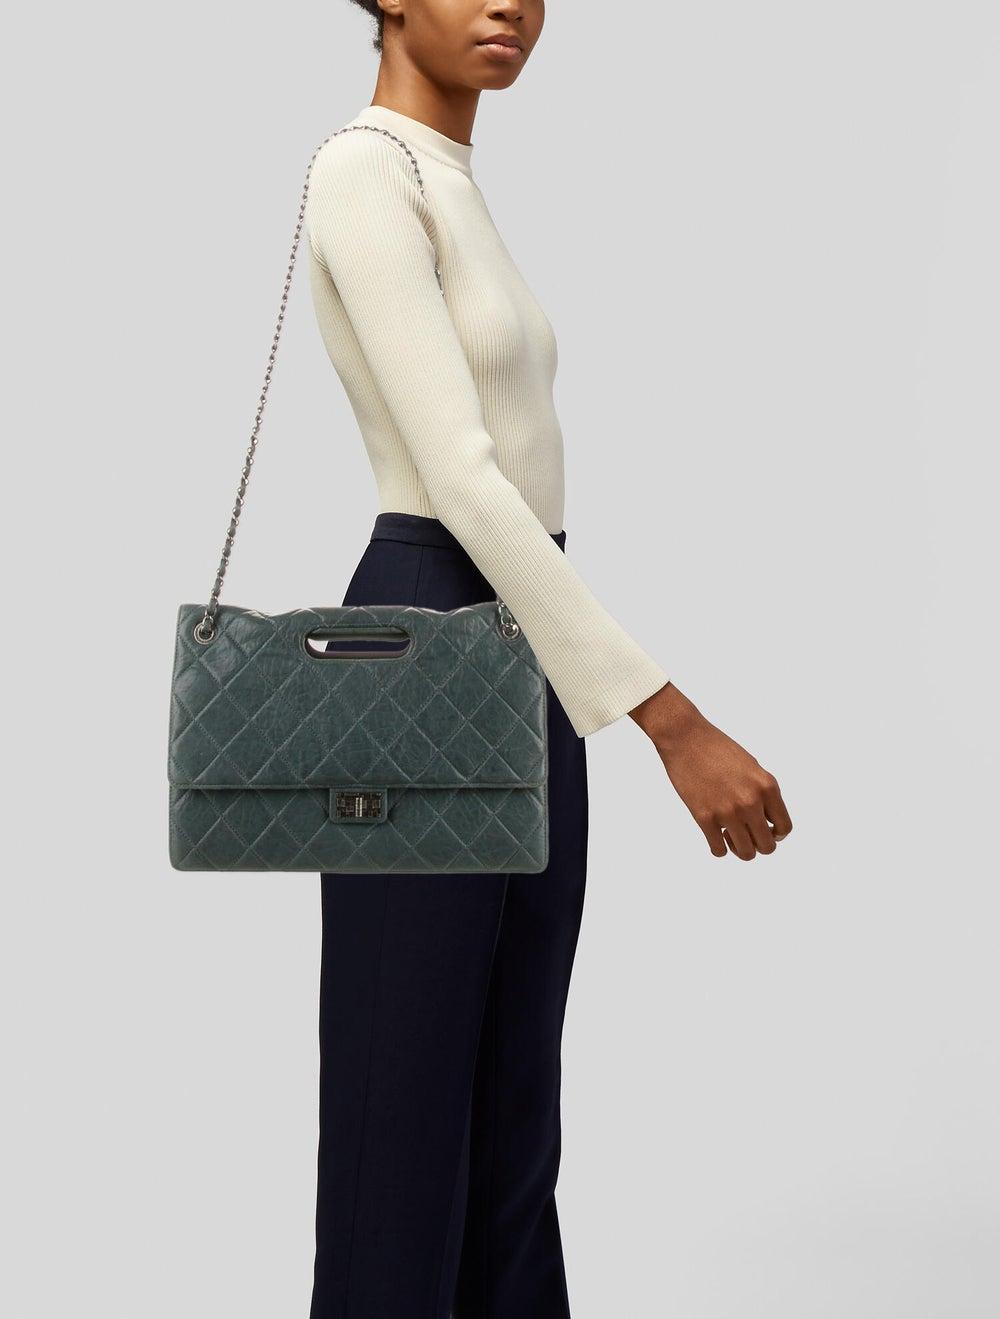 Chanel Paris-Byzance Take-Away Flap Bag Blue - image 2